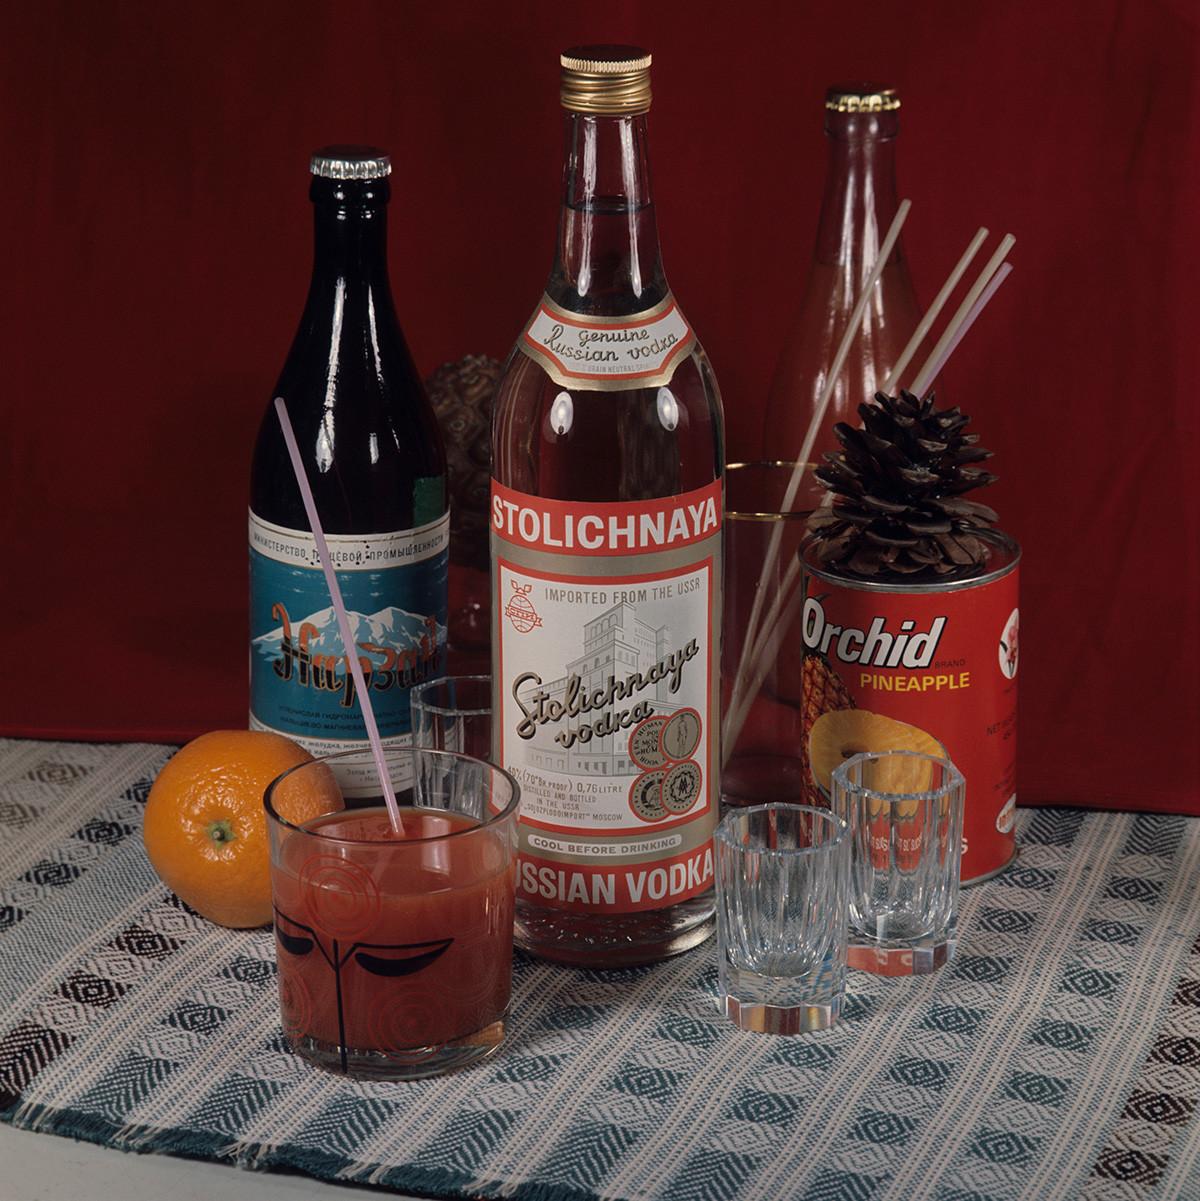 """Состојки на алкохолните коктели на ресторанот """"Метропол"""": вотка """"Кристал"""", минерална вода """"Нарзан"""", конзервиран ананас, лимон и сок од домати, 1983."""